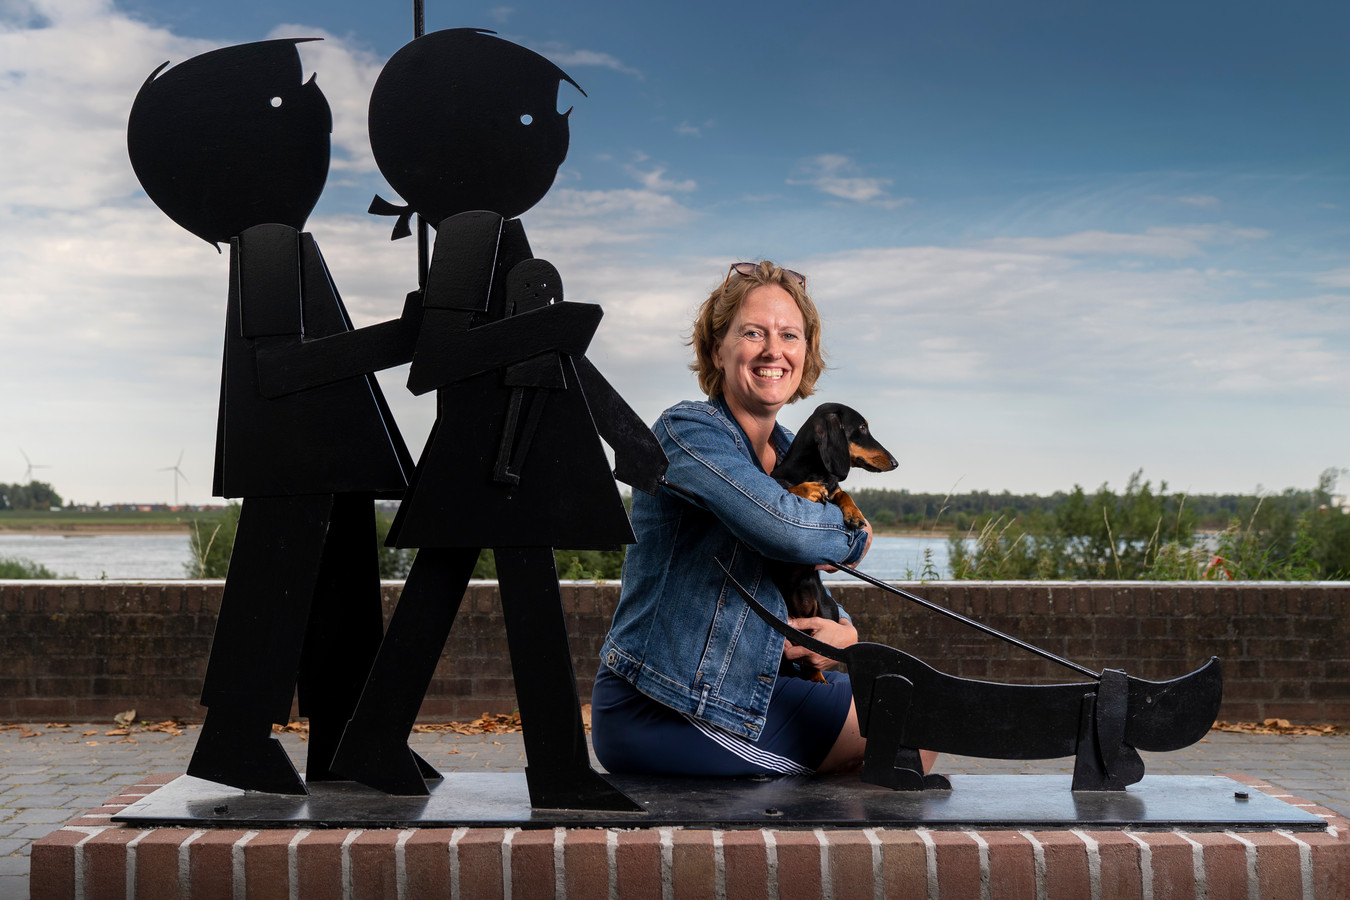 Esther Zumpolle met teckel Joeks bij het beeld van Jip en Janneke met Takkie op de Waalkade in Zaltbommel.